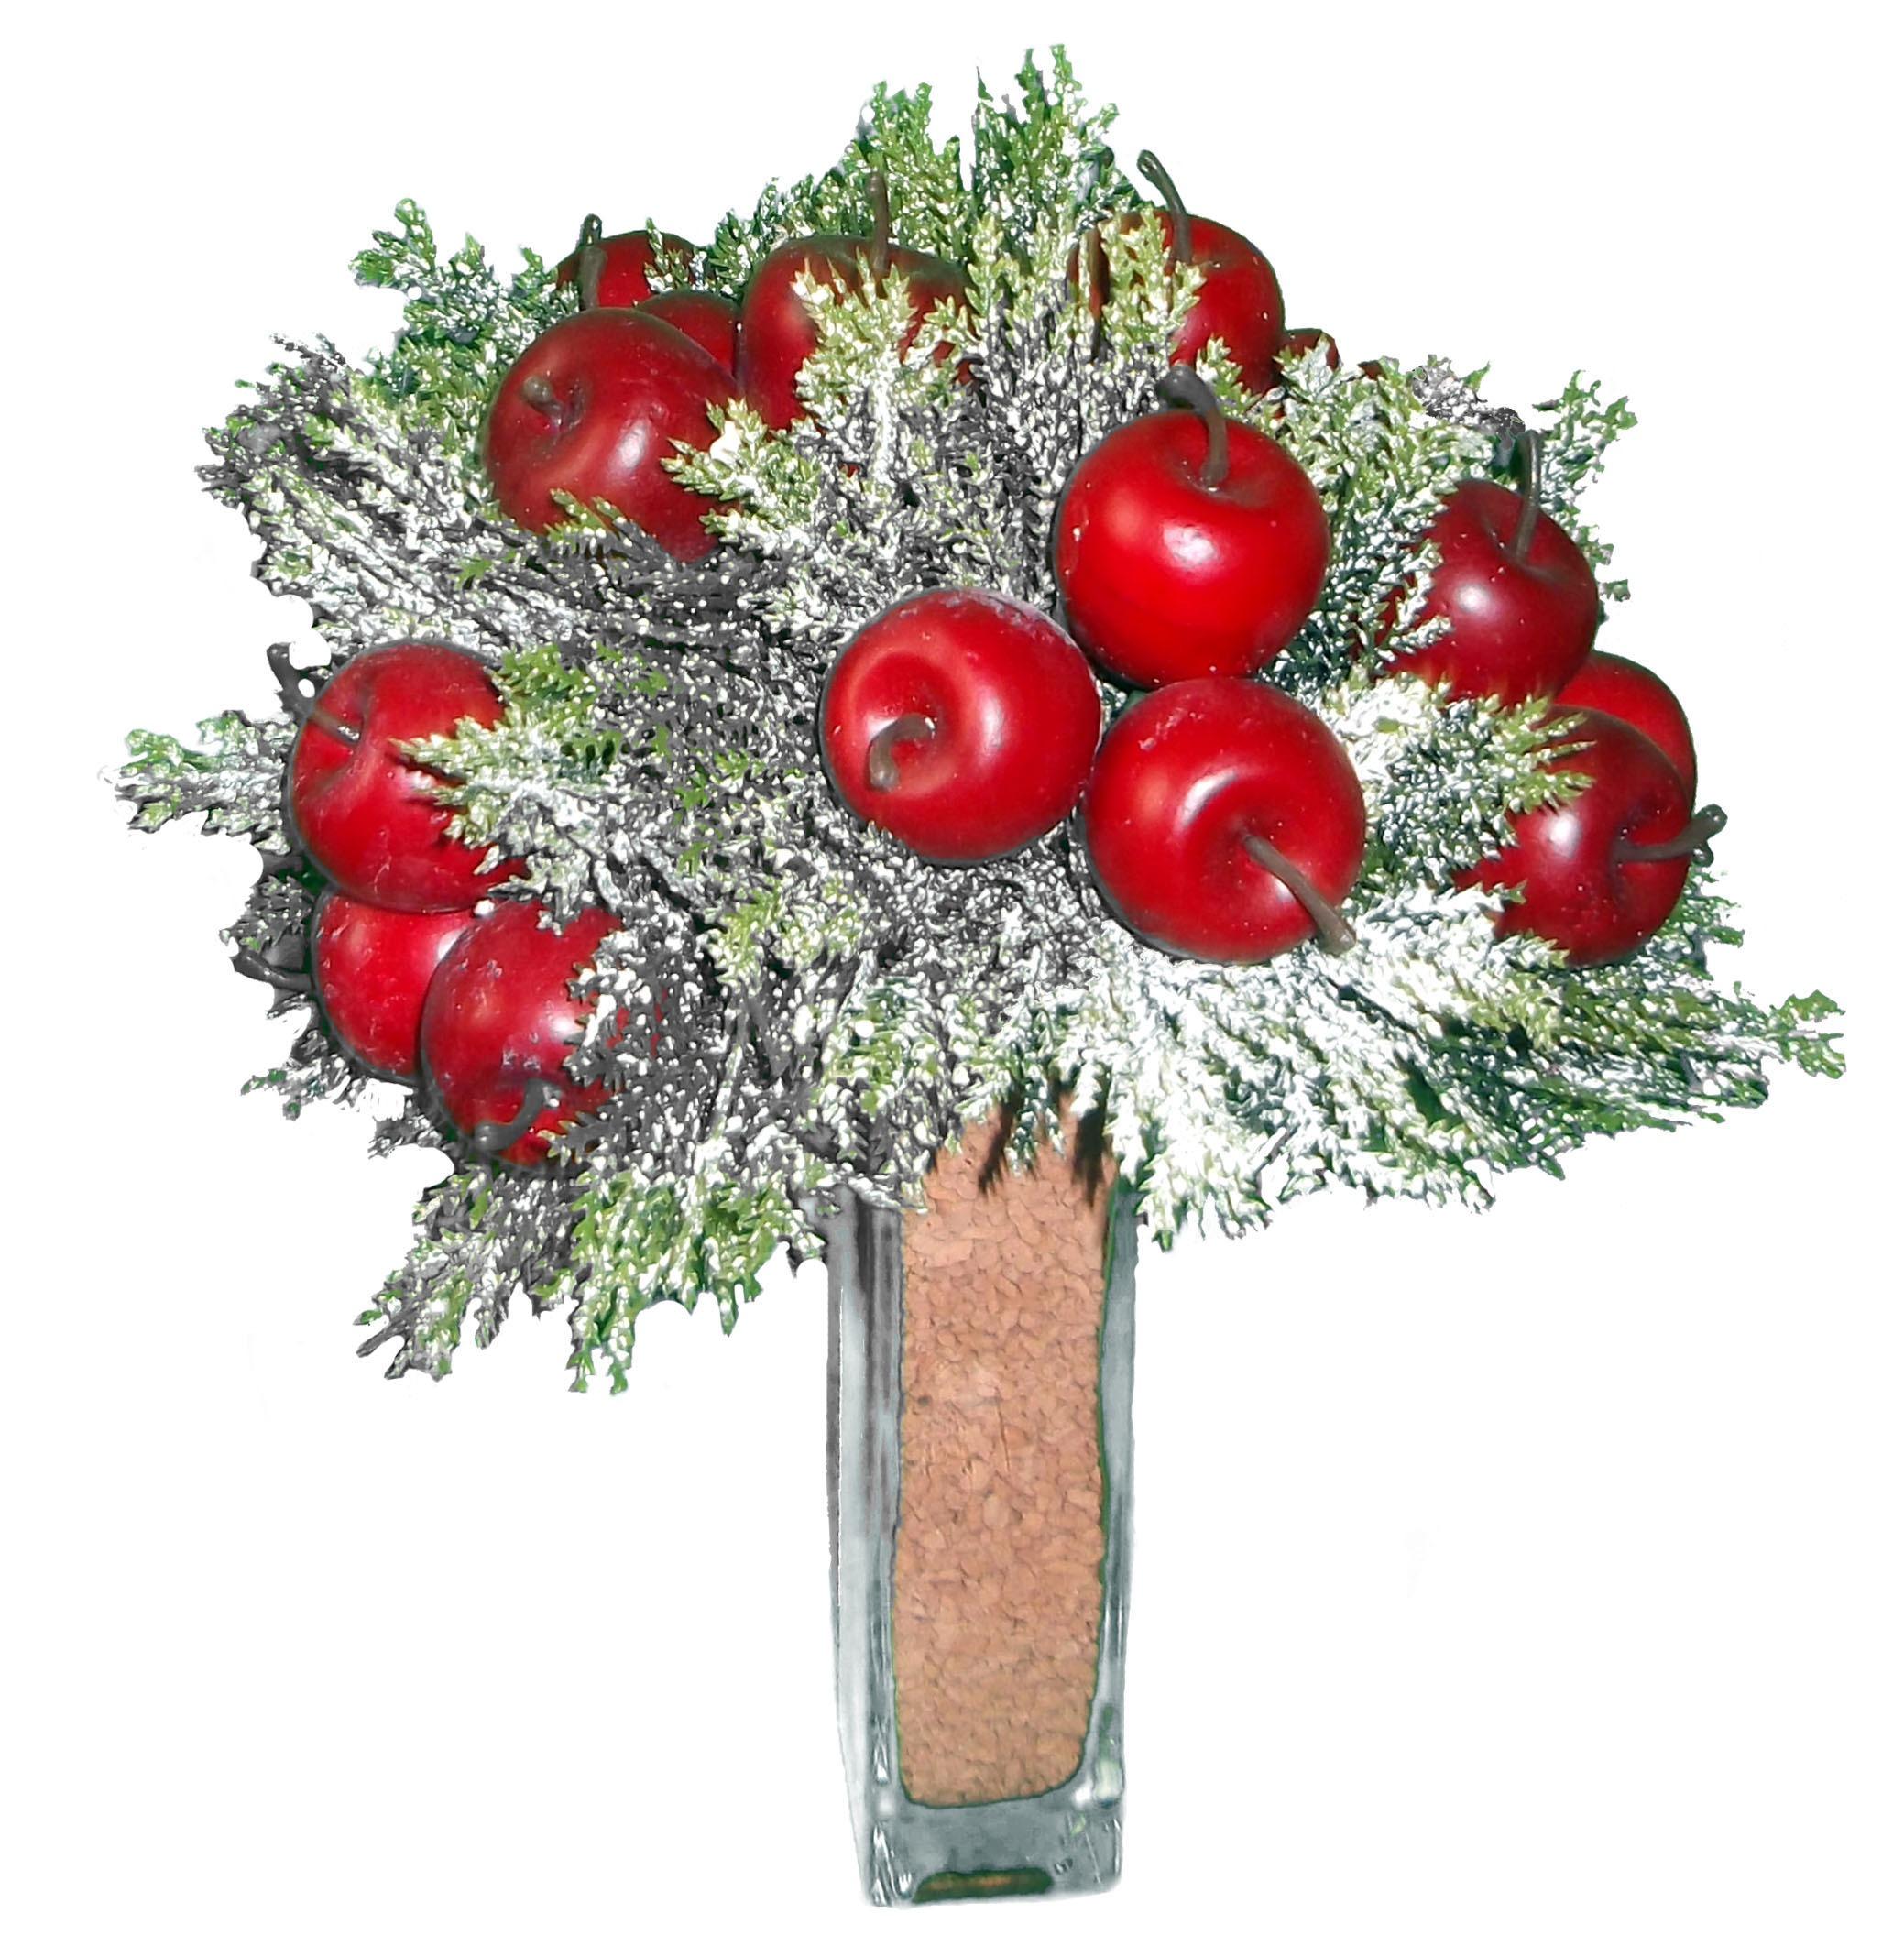 Bouquet De Noel Avec Du Houx images gratuites : pomme, arbre, la nature, branche, fruit